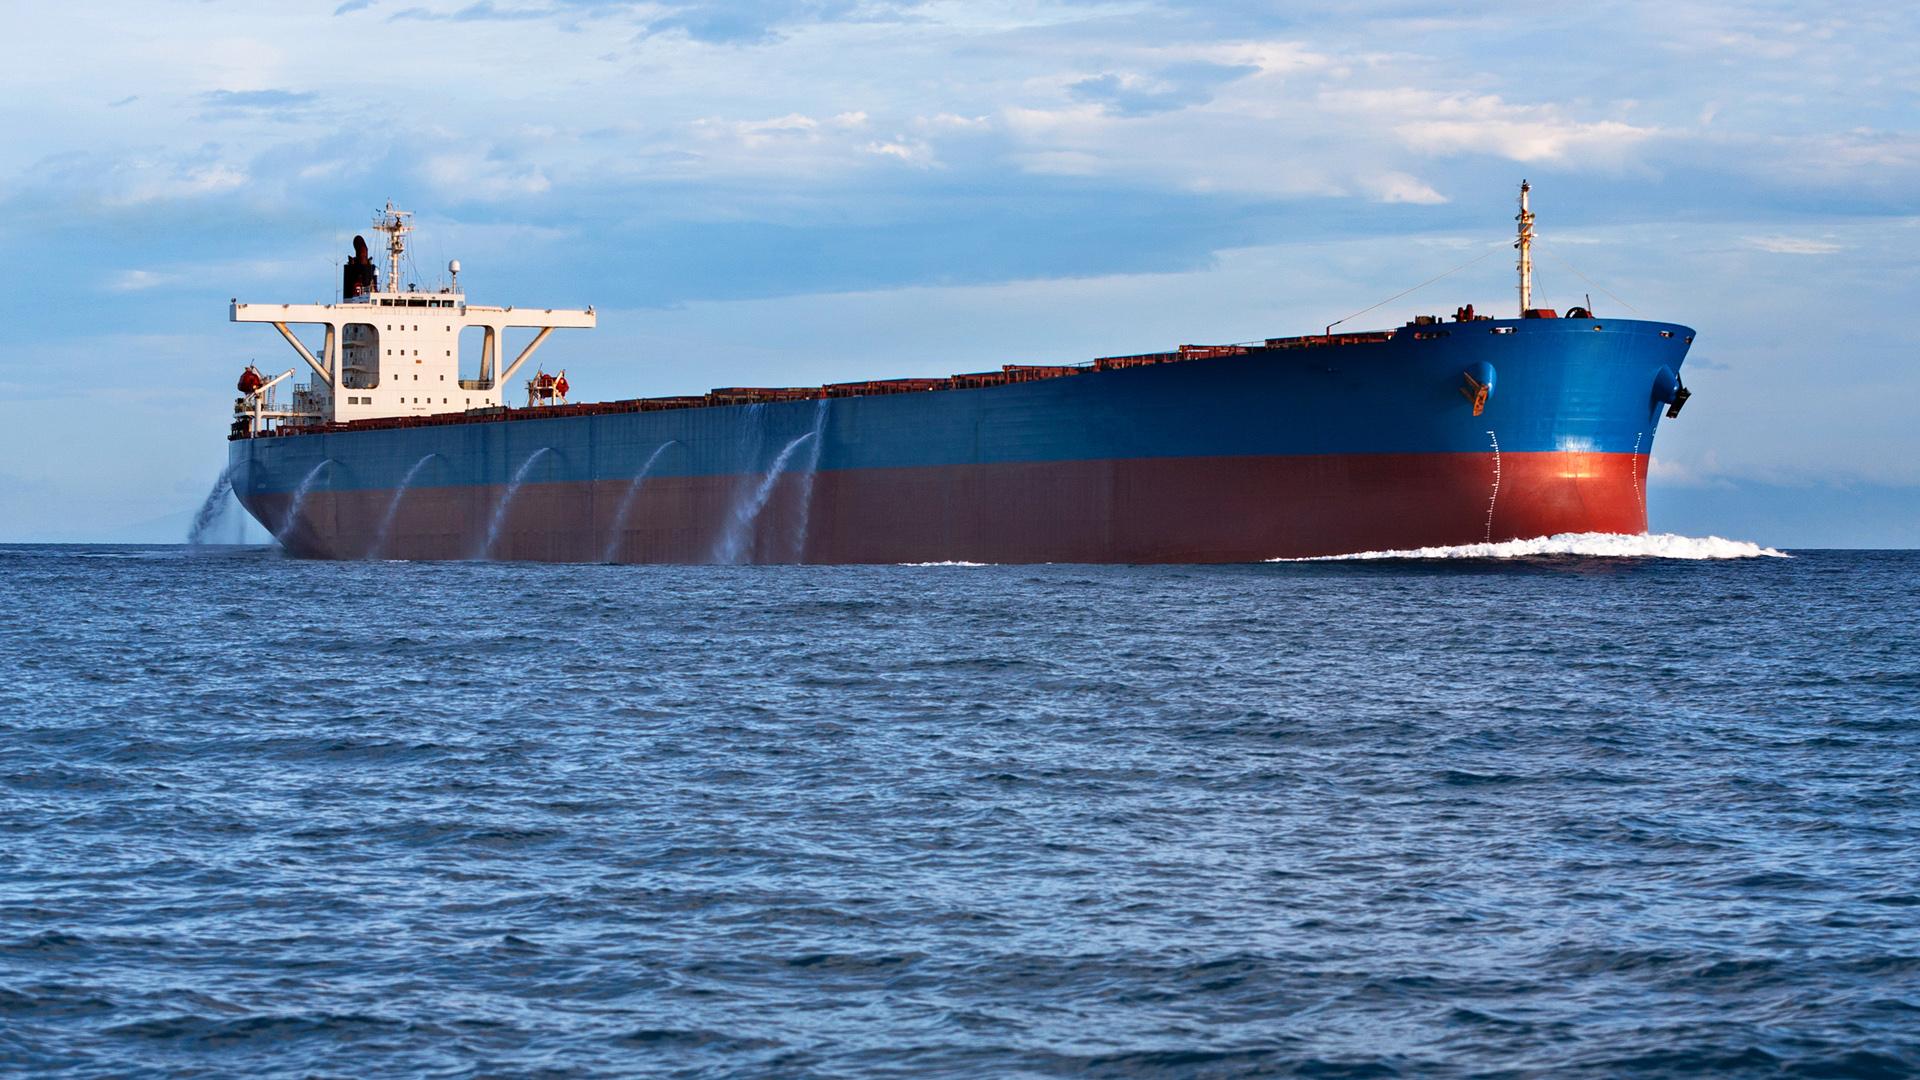 Заява: Американська торговельна палата в Україні просить не допустити відновлення морських екологічних інспекцій, повернення екологічного контролю суден та контролю ізольованого баласту